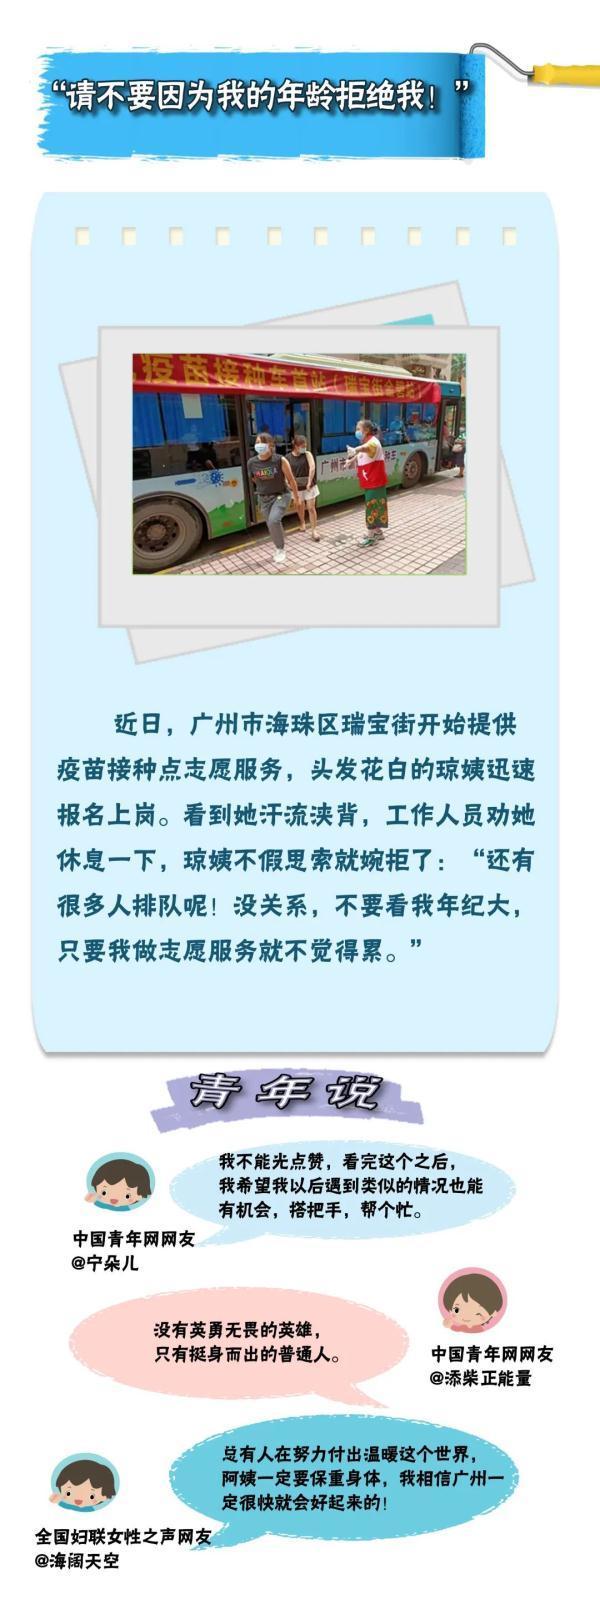 中国人的故事|暖镜头:7亿剂次,每个人都是一道防线 全球新闻风头榜 第7张